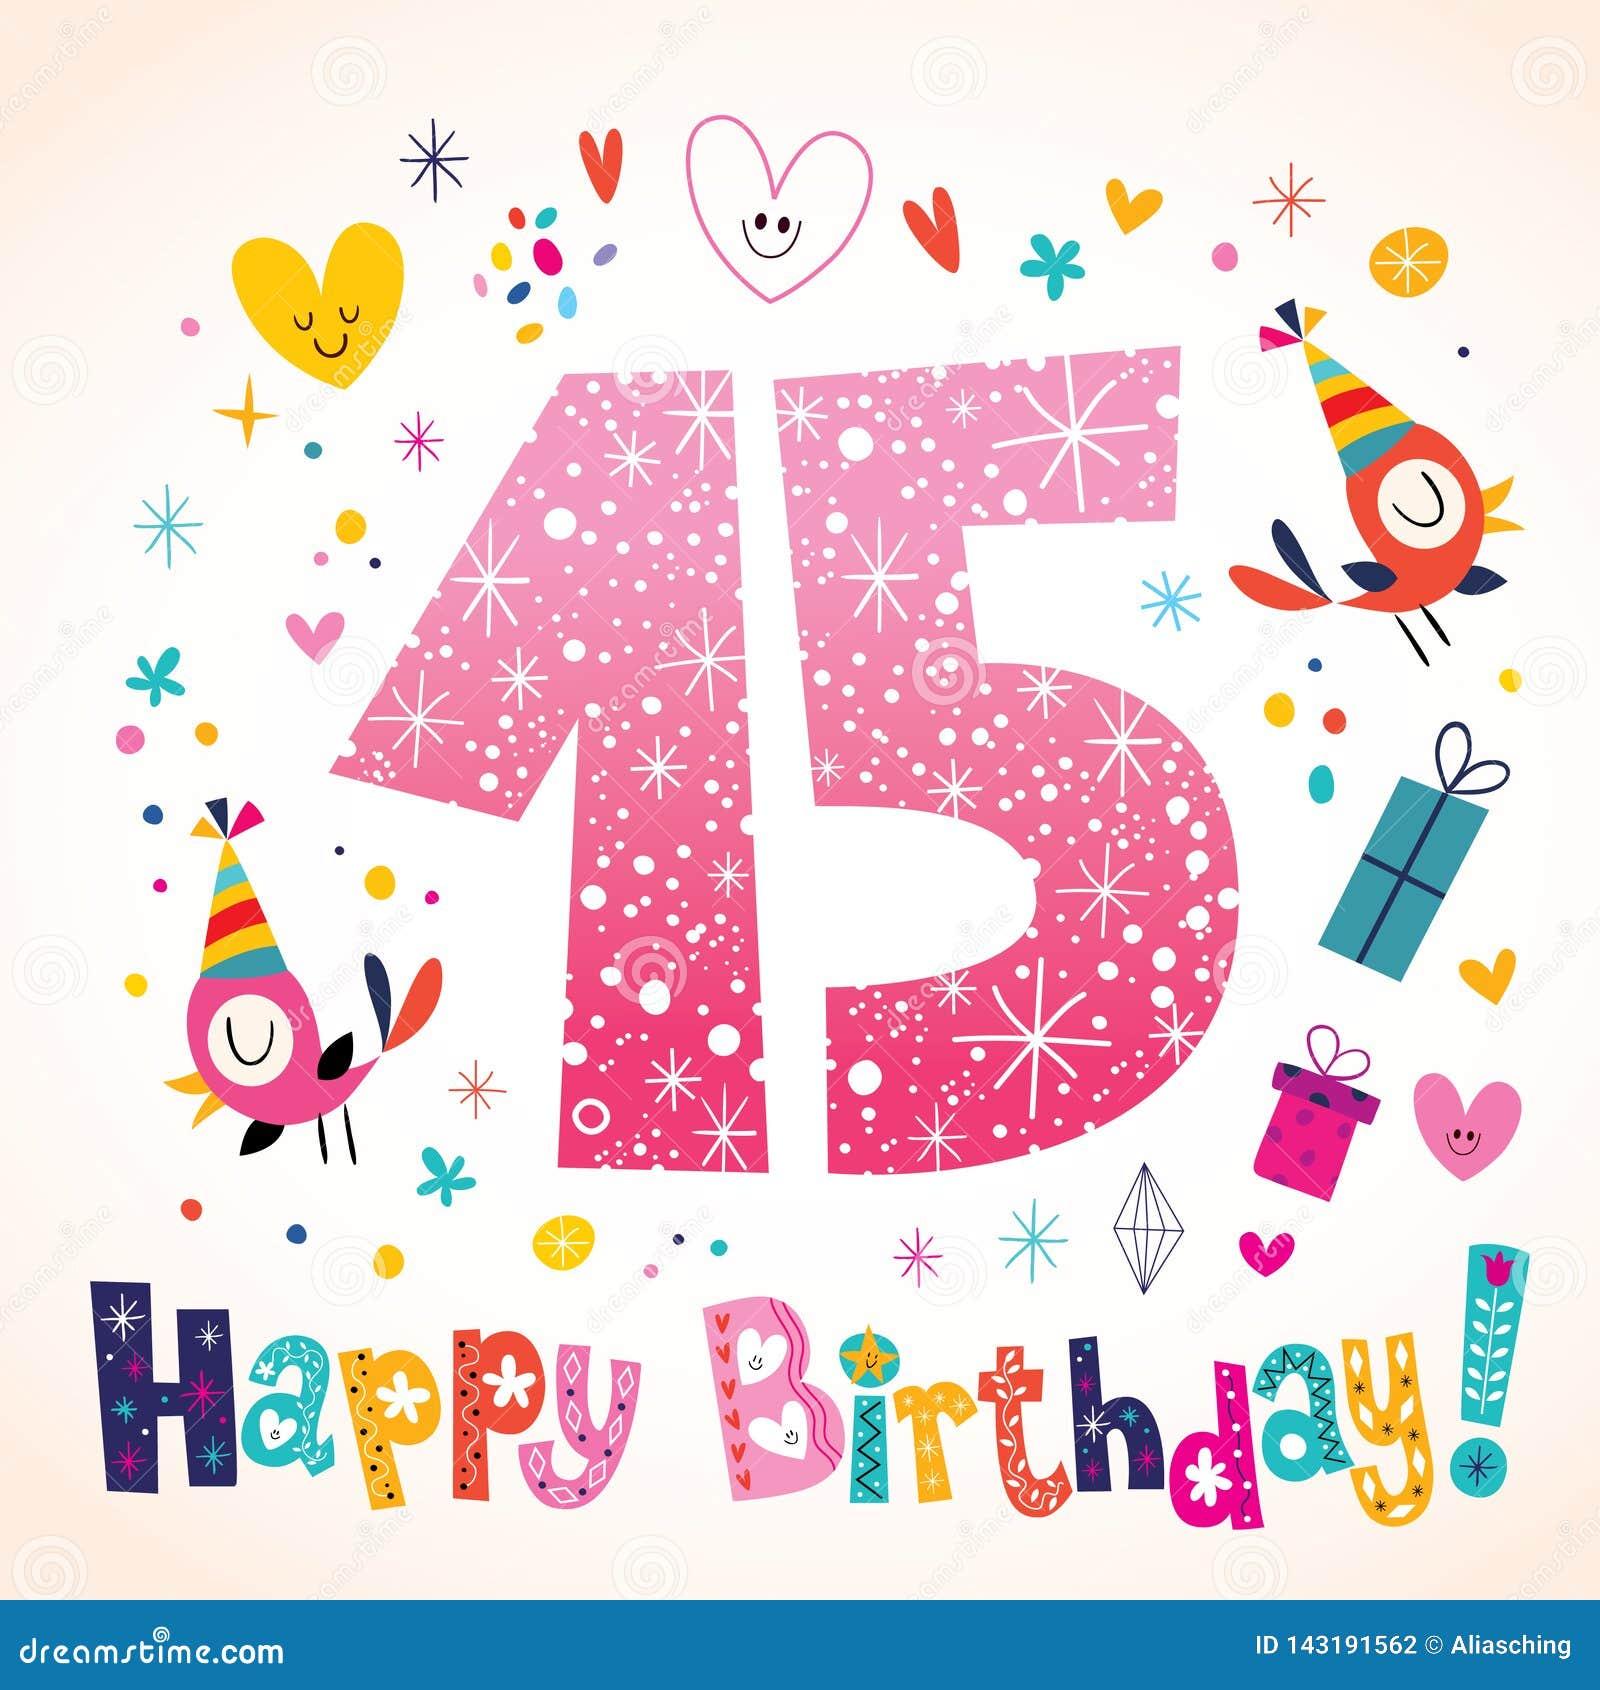 Подружке поздравление с днем рождения 15 лет